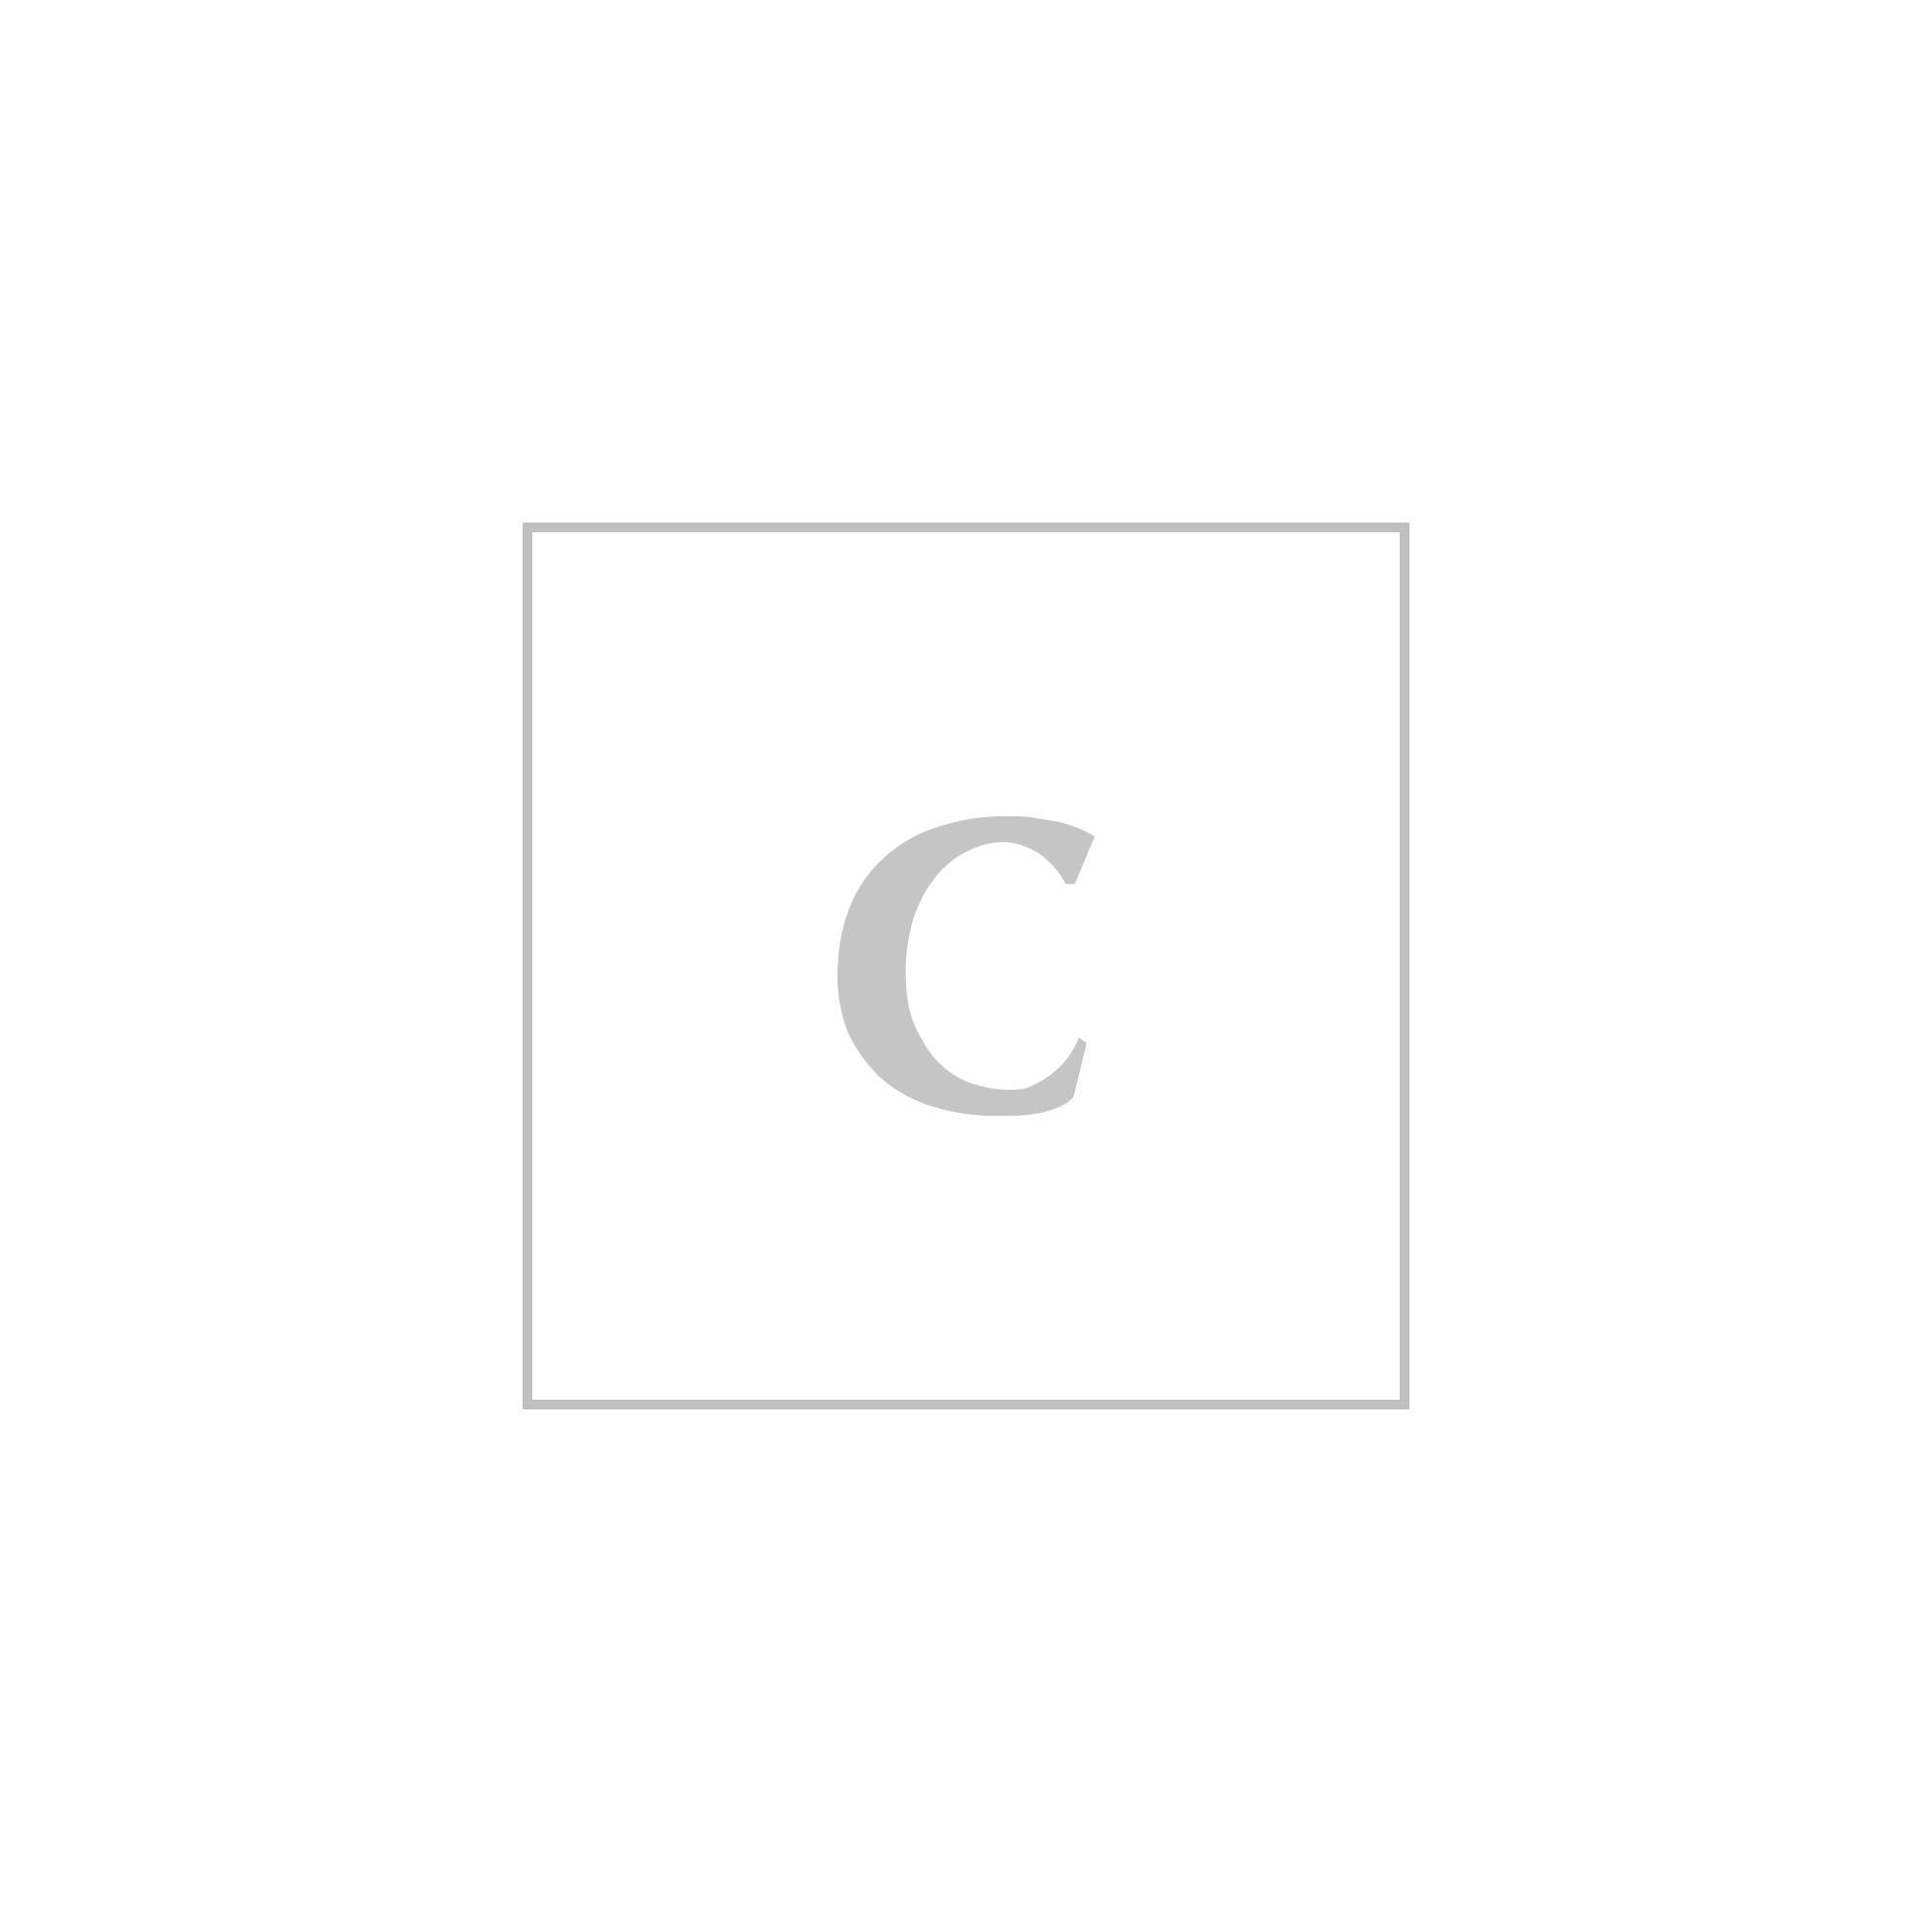 Michael kors borsa cynthia medium satchel